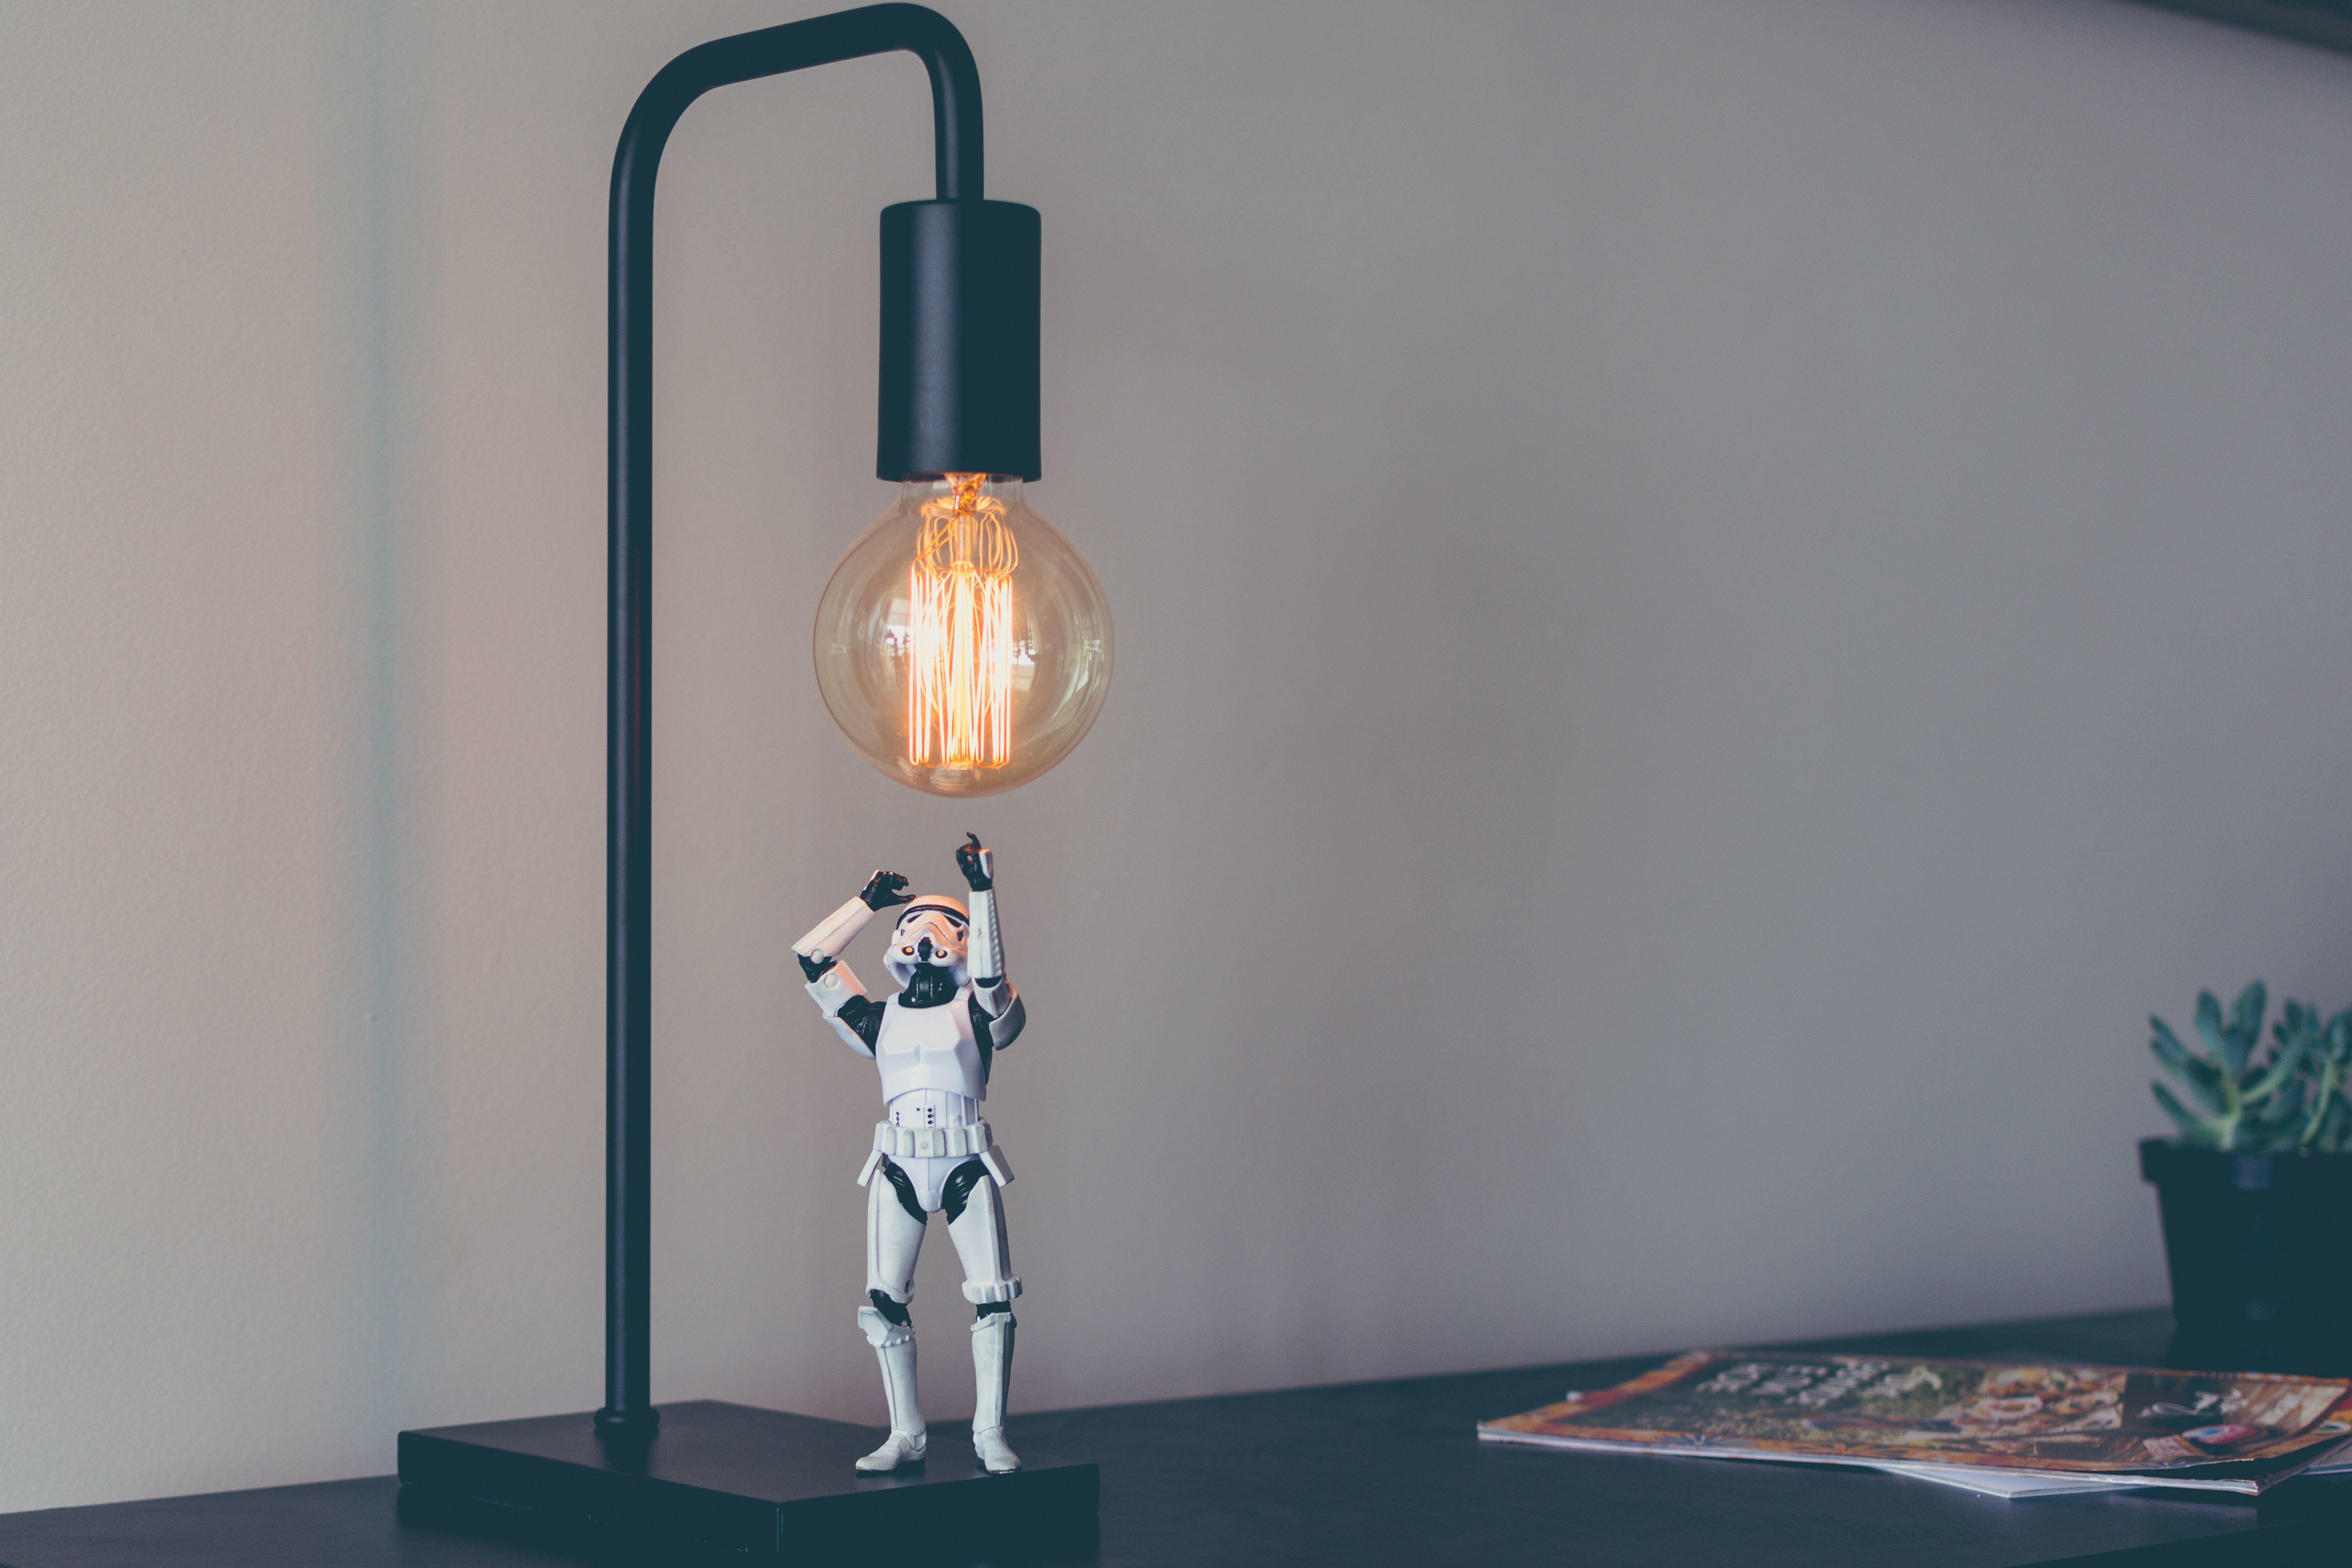 Lampen En Licht : Leuchten lampen beleuchtung berlin interior licht design